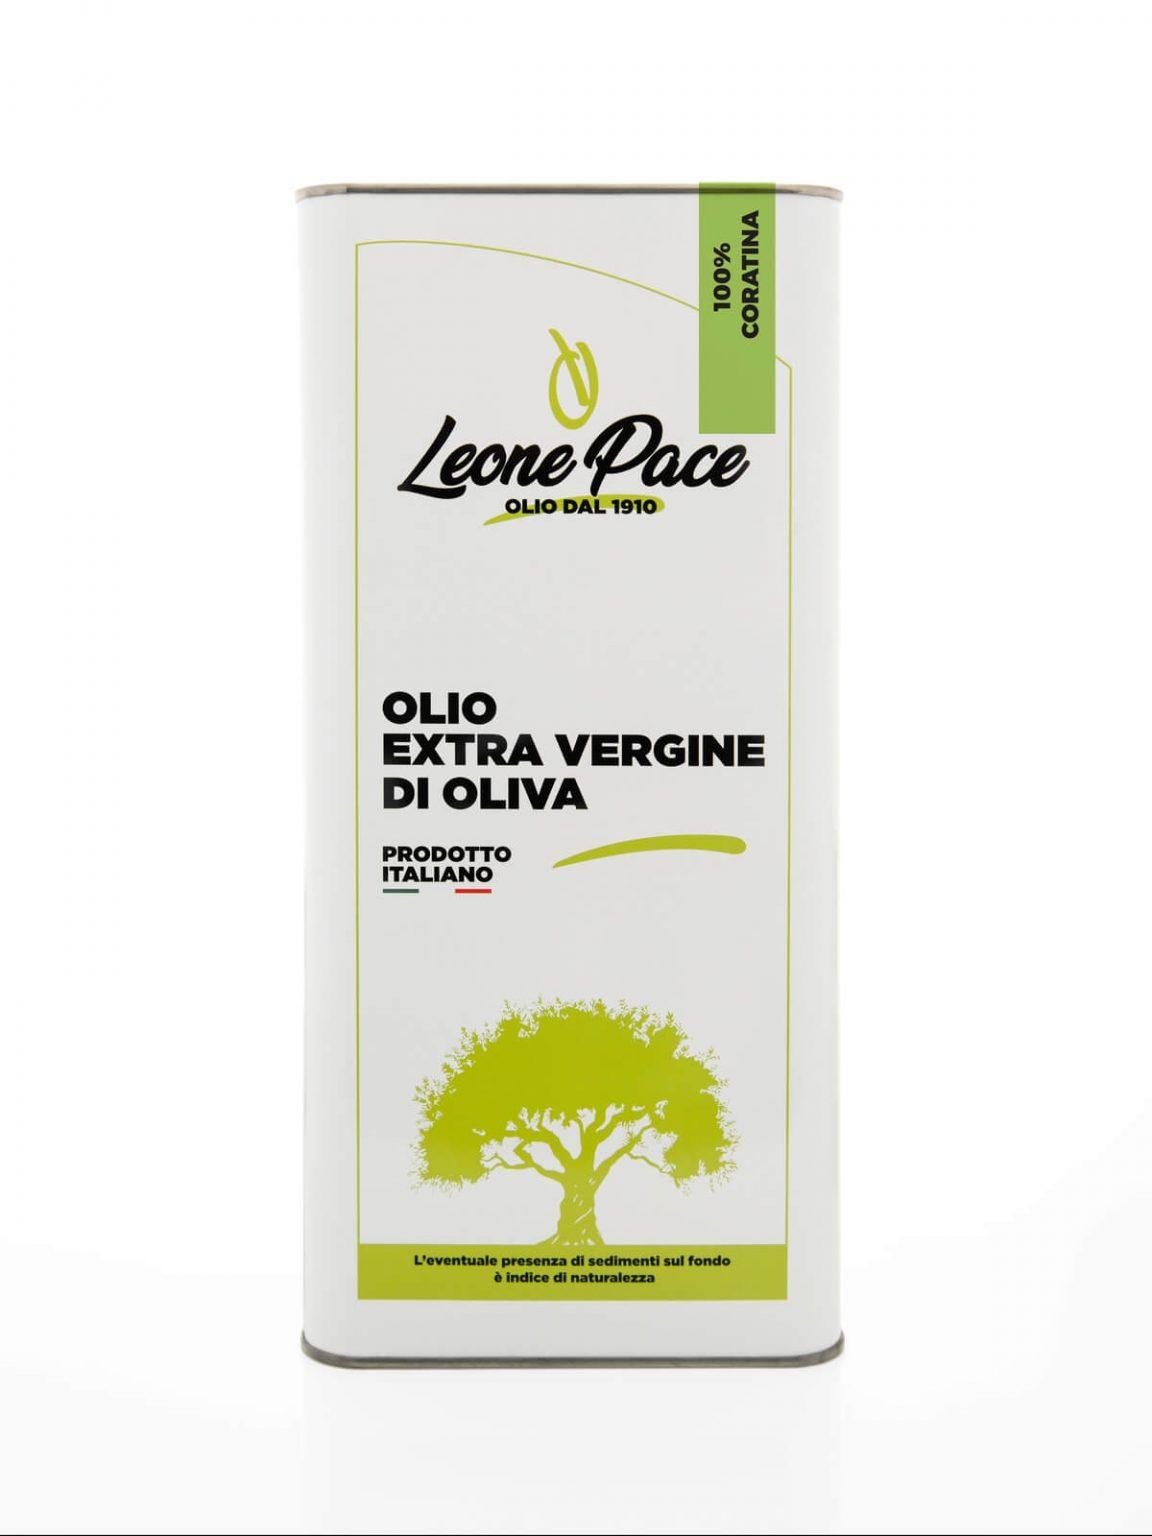 Olio EVO sapore intenso 5 lt - Latta - Frantoio Leone Pace - Olio dal 1910 - Frantoio Pace